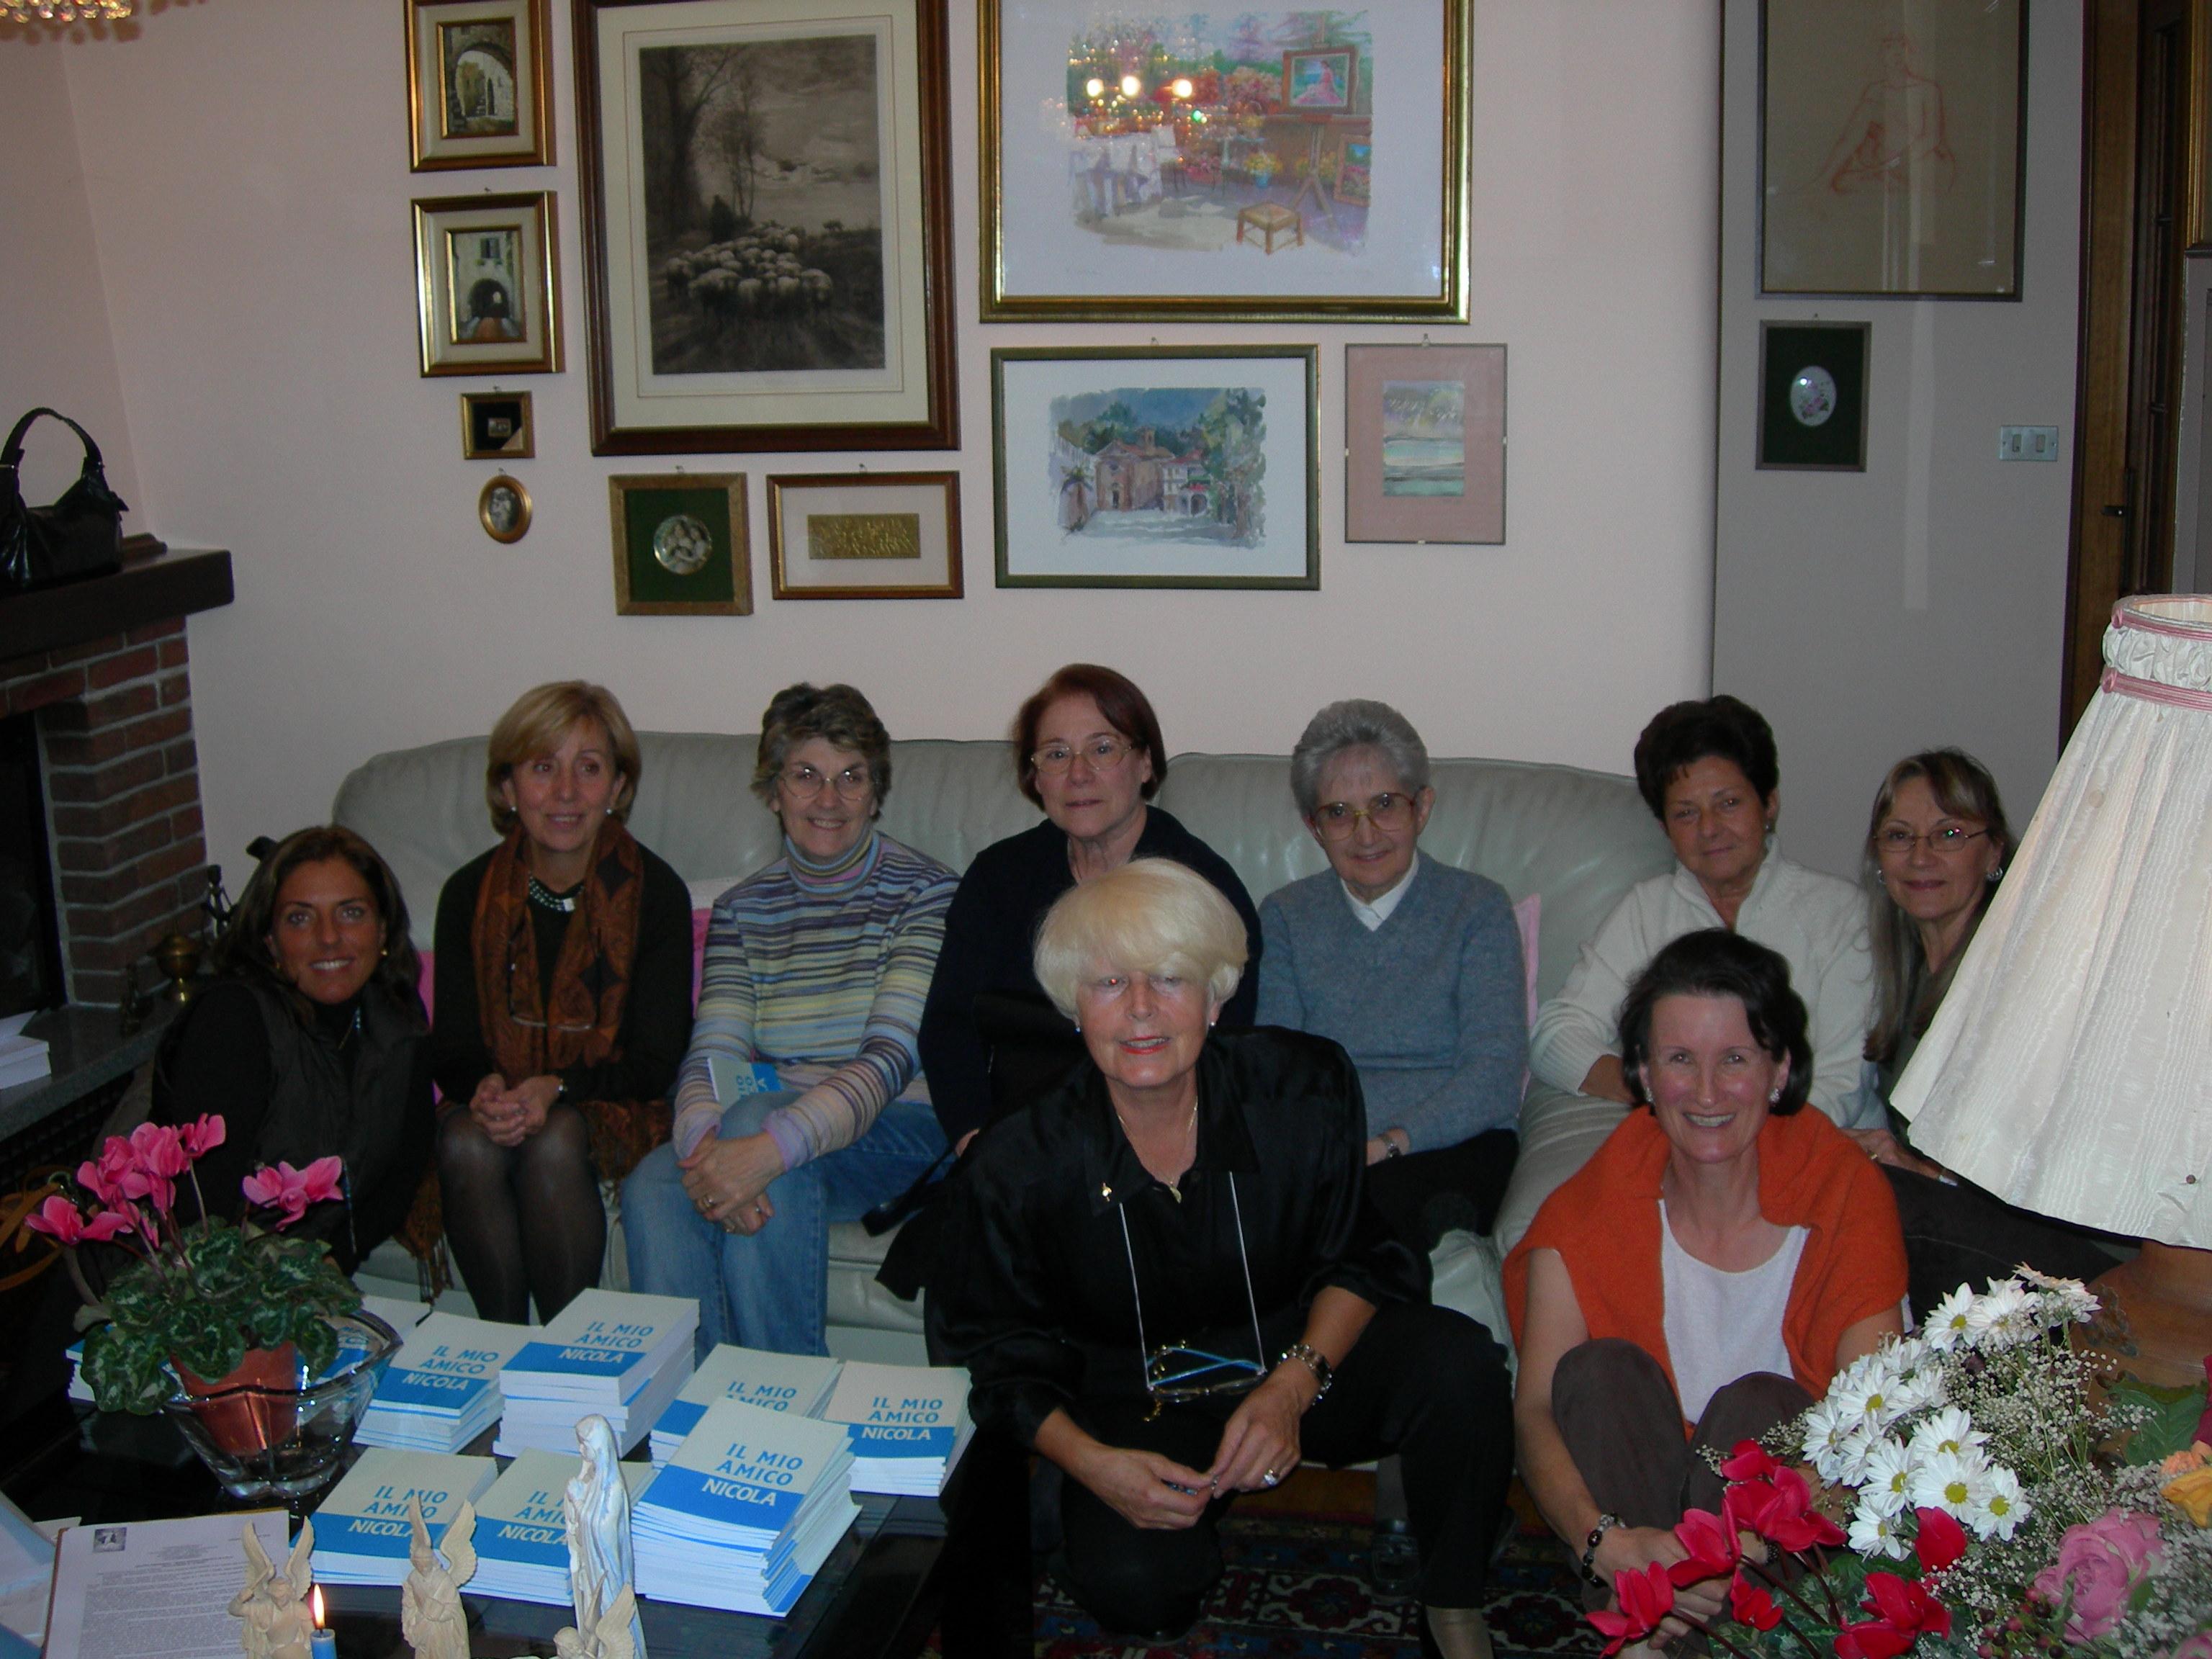 """20/10/2006Il gruppo di preghiera """"Maria SS. Assunta in Cielo"""" di San Mauro Torinese (TO) nato il 21/04/2006Al centro, inginocchiata, la signora Assunta Ramasso, capogruppo."""